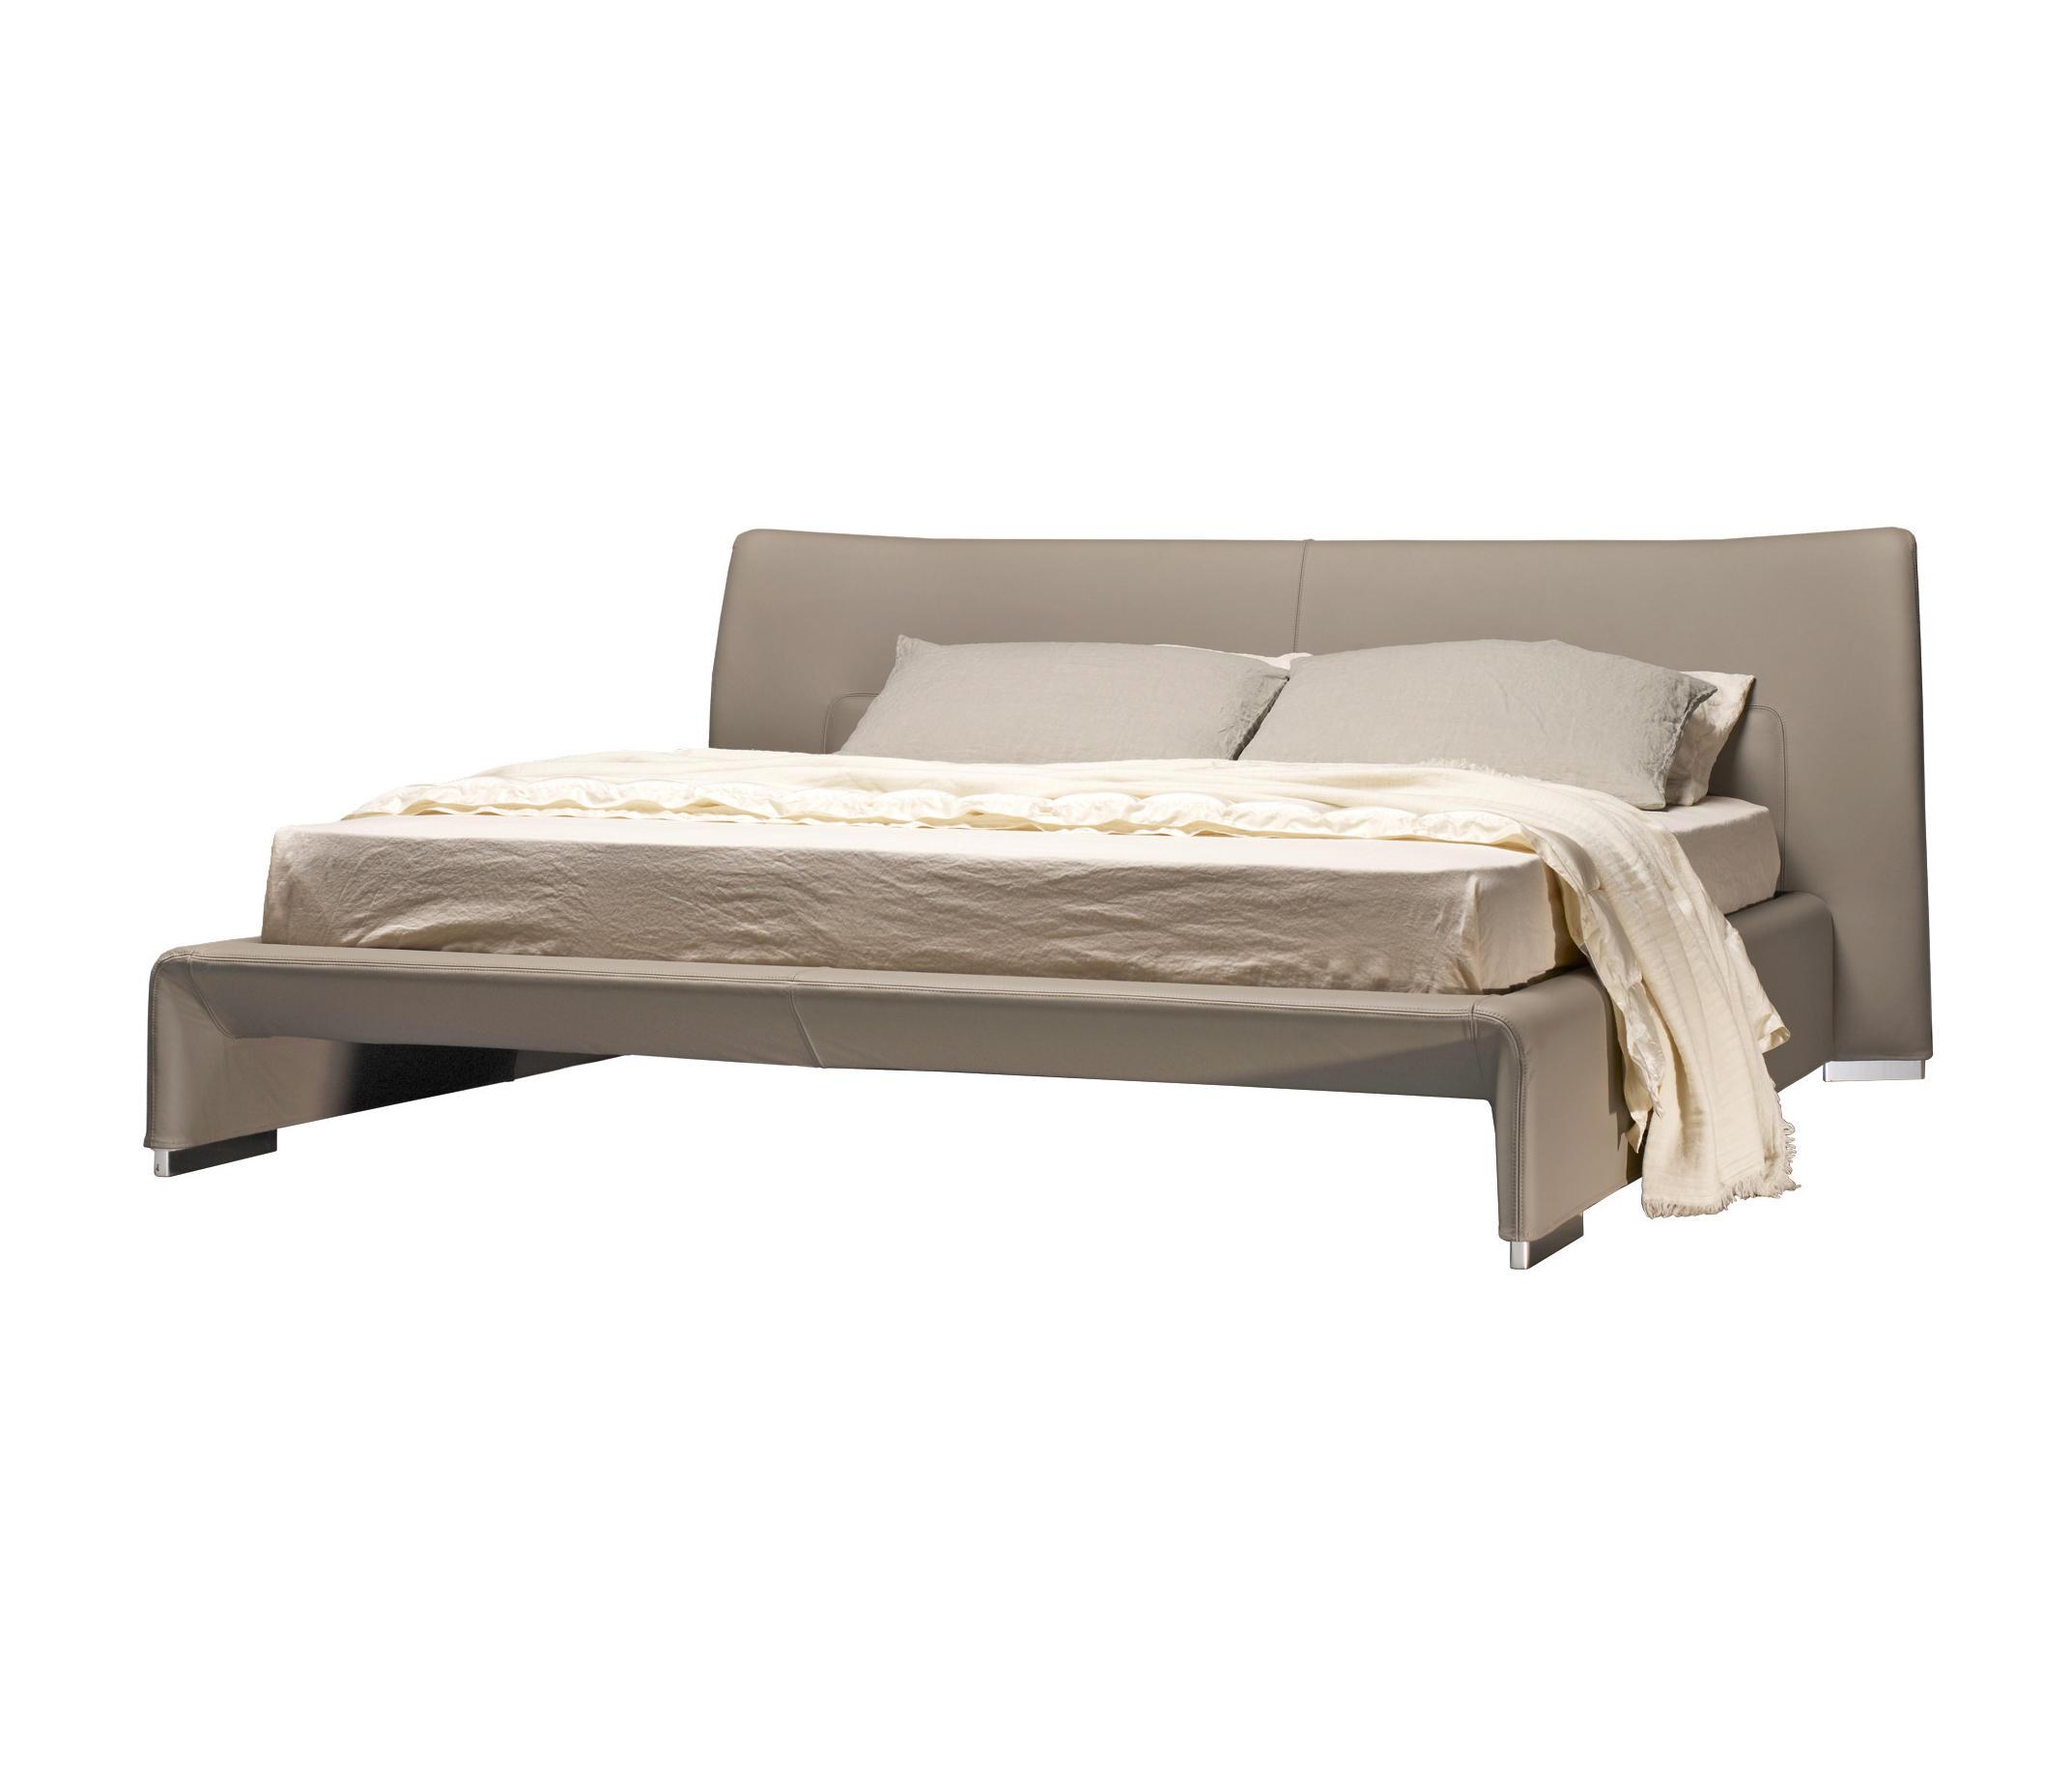 Divano Letto Oz Molteni.Glove Bed Beds From Molteni C Architonic